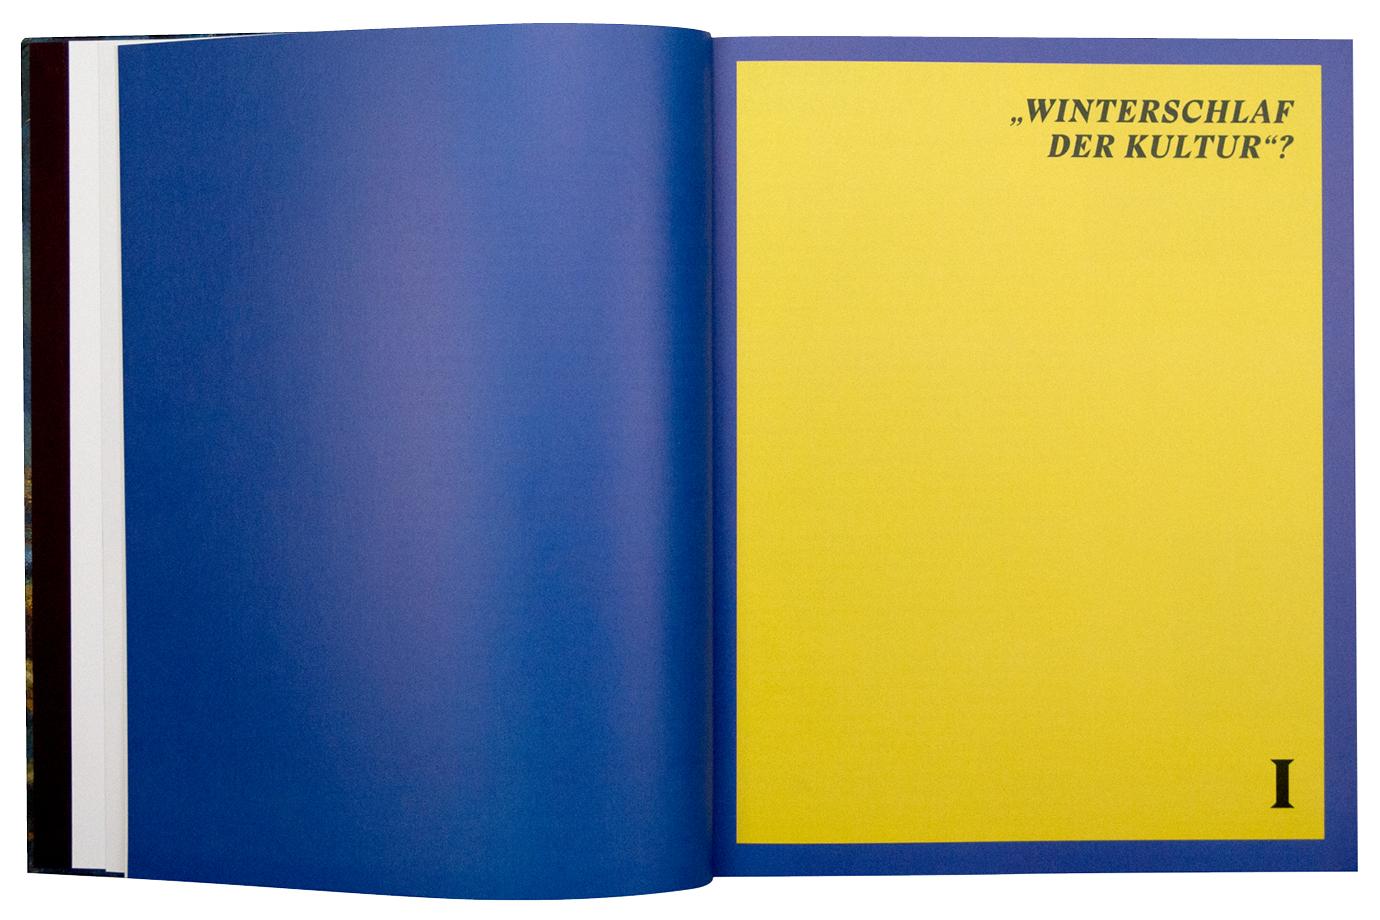 http://e-o-t.de/wordpress/wp-content/uploads/2017/06/2014_eot-Weltenbruch-Book-5.jpg